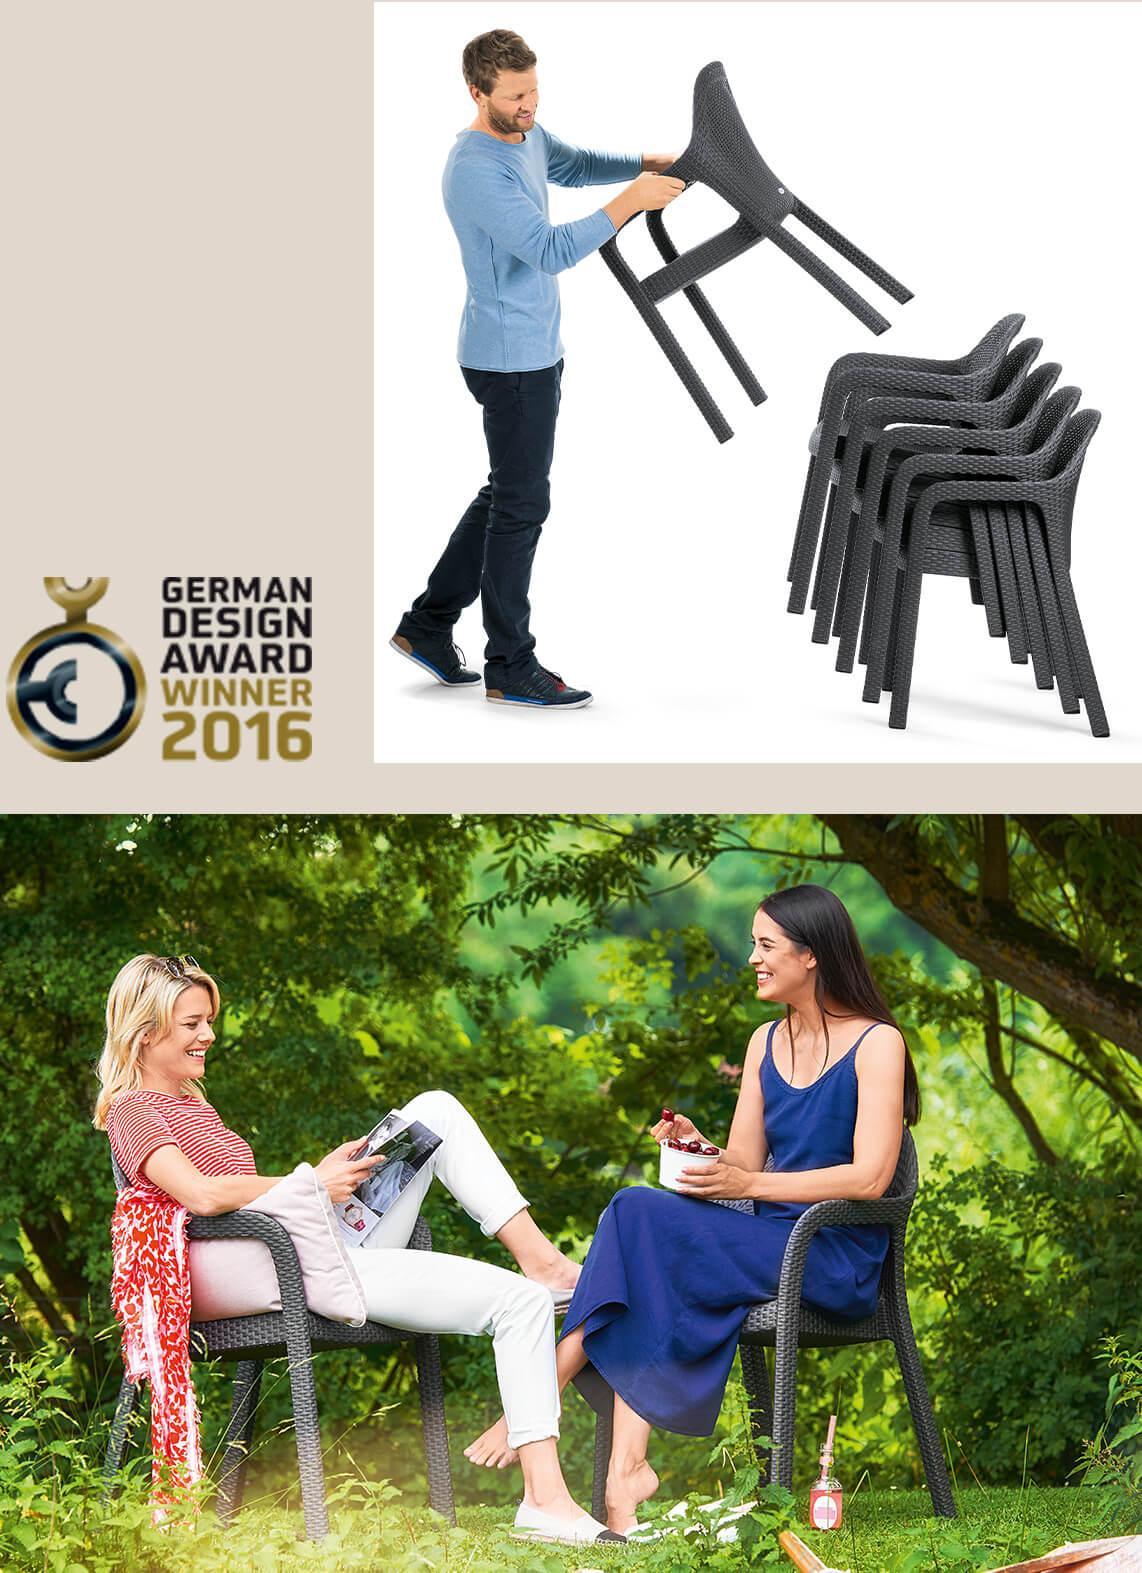 'Bild oben: Un jeune homme empile facilement plusieurs chaises LECHUZA les unes sur les autres. Deux amies sont assises sur des chaises dans l'herbe sous un arbre